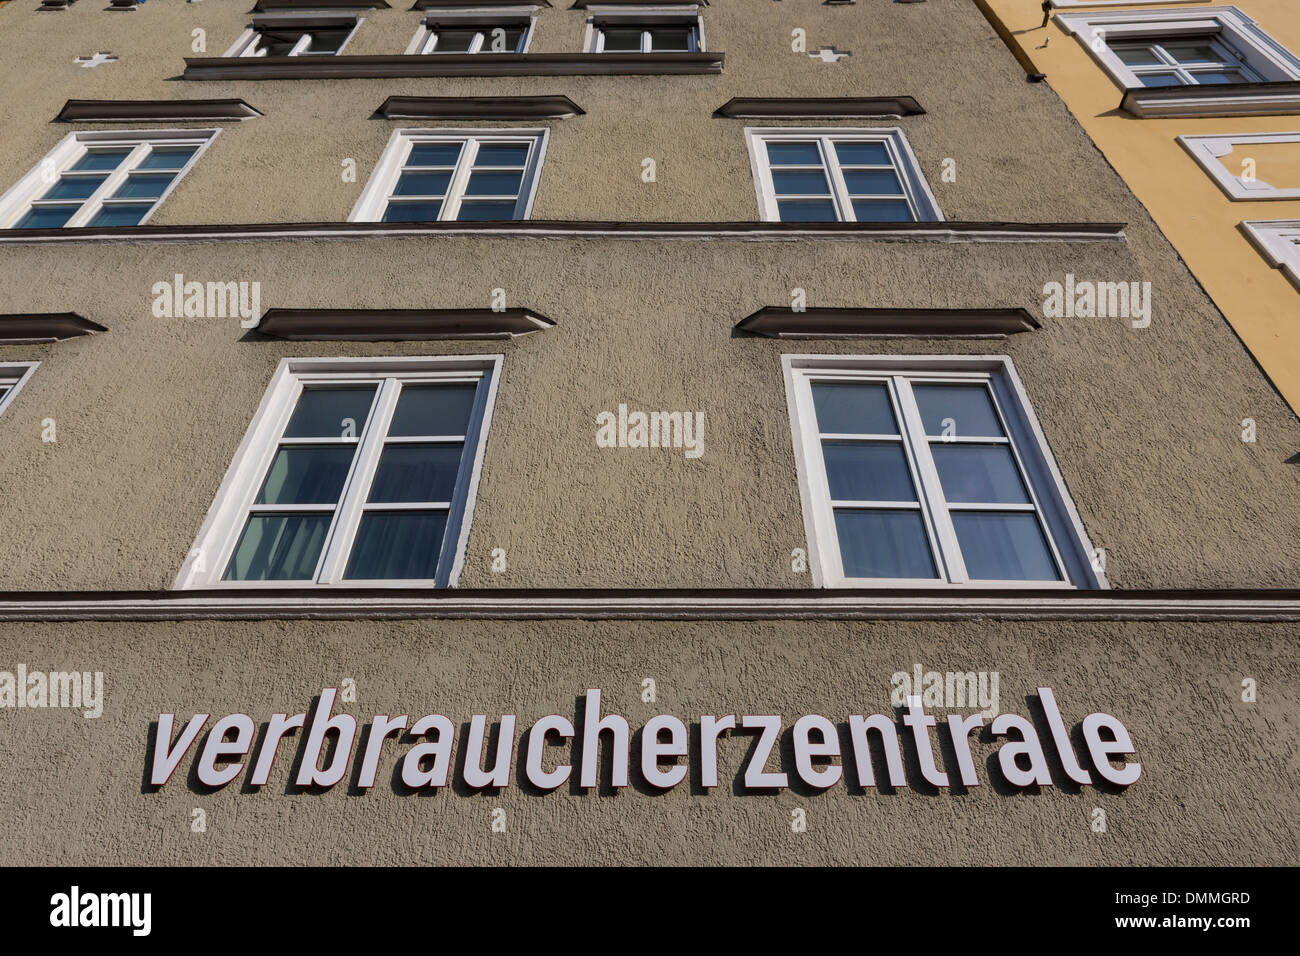 Deutschland, Bayern, Landshut, Verbraucherzentrale Stockbild